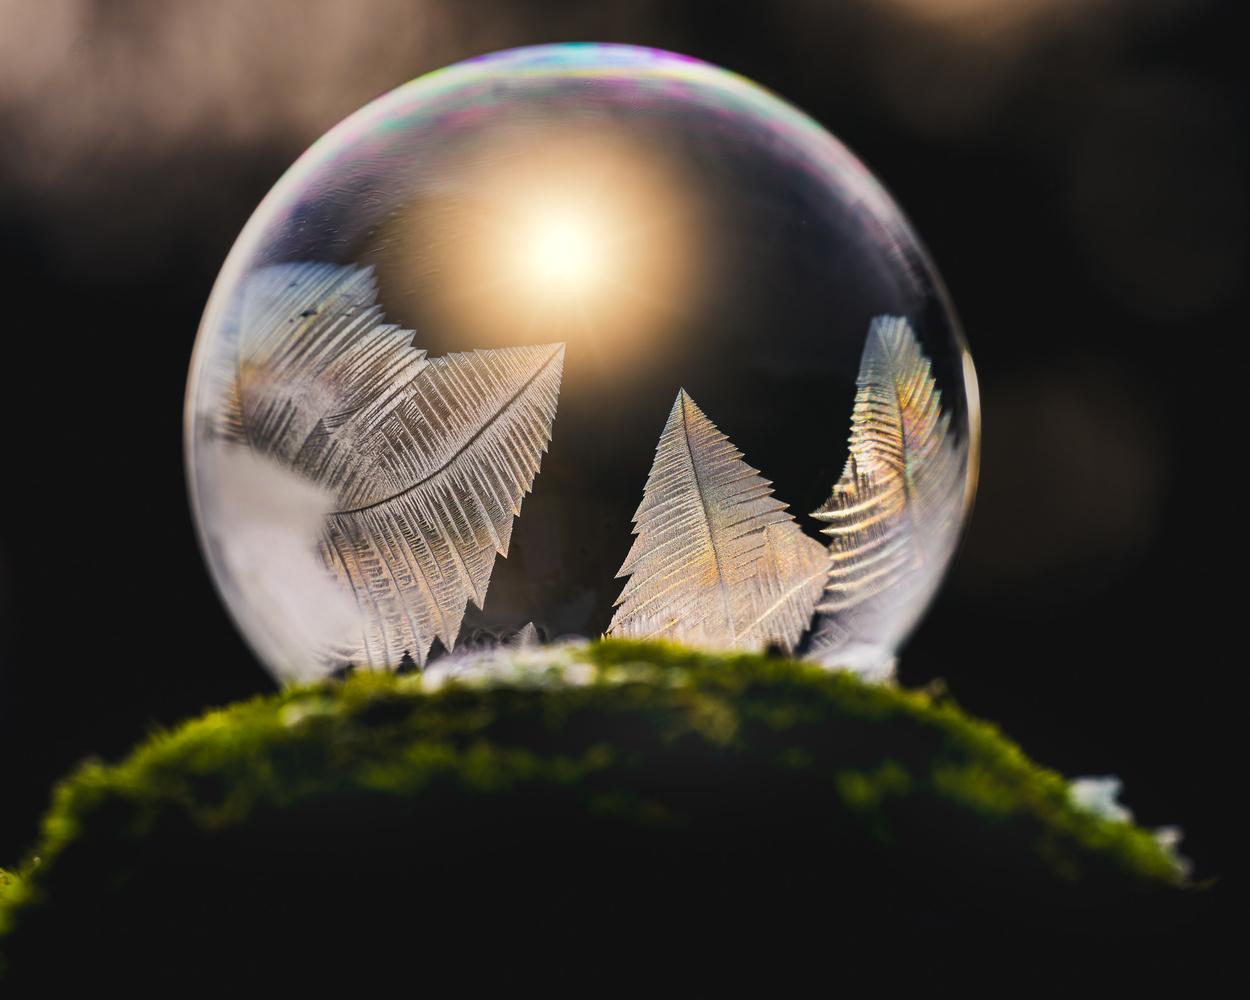 Frozen soap bubbles by Skyler Ewing